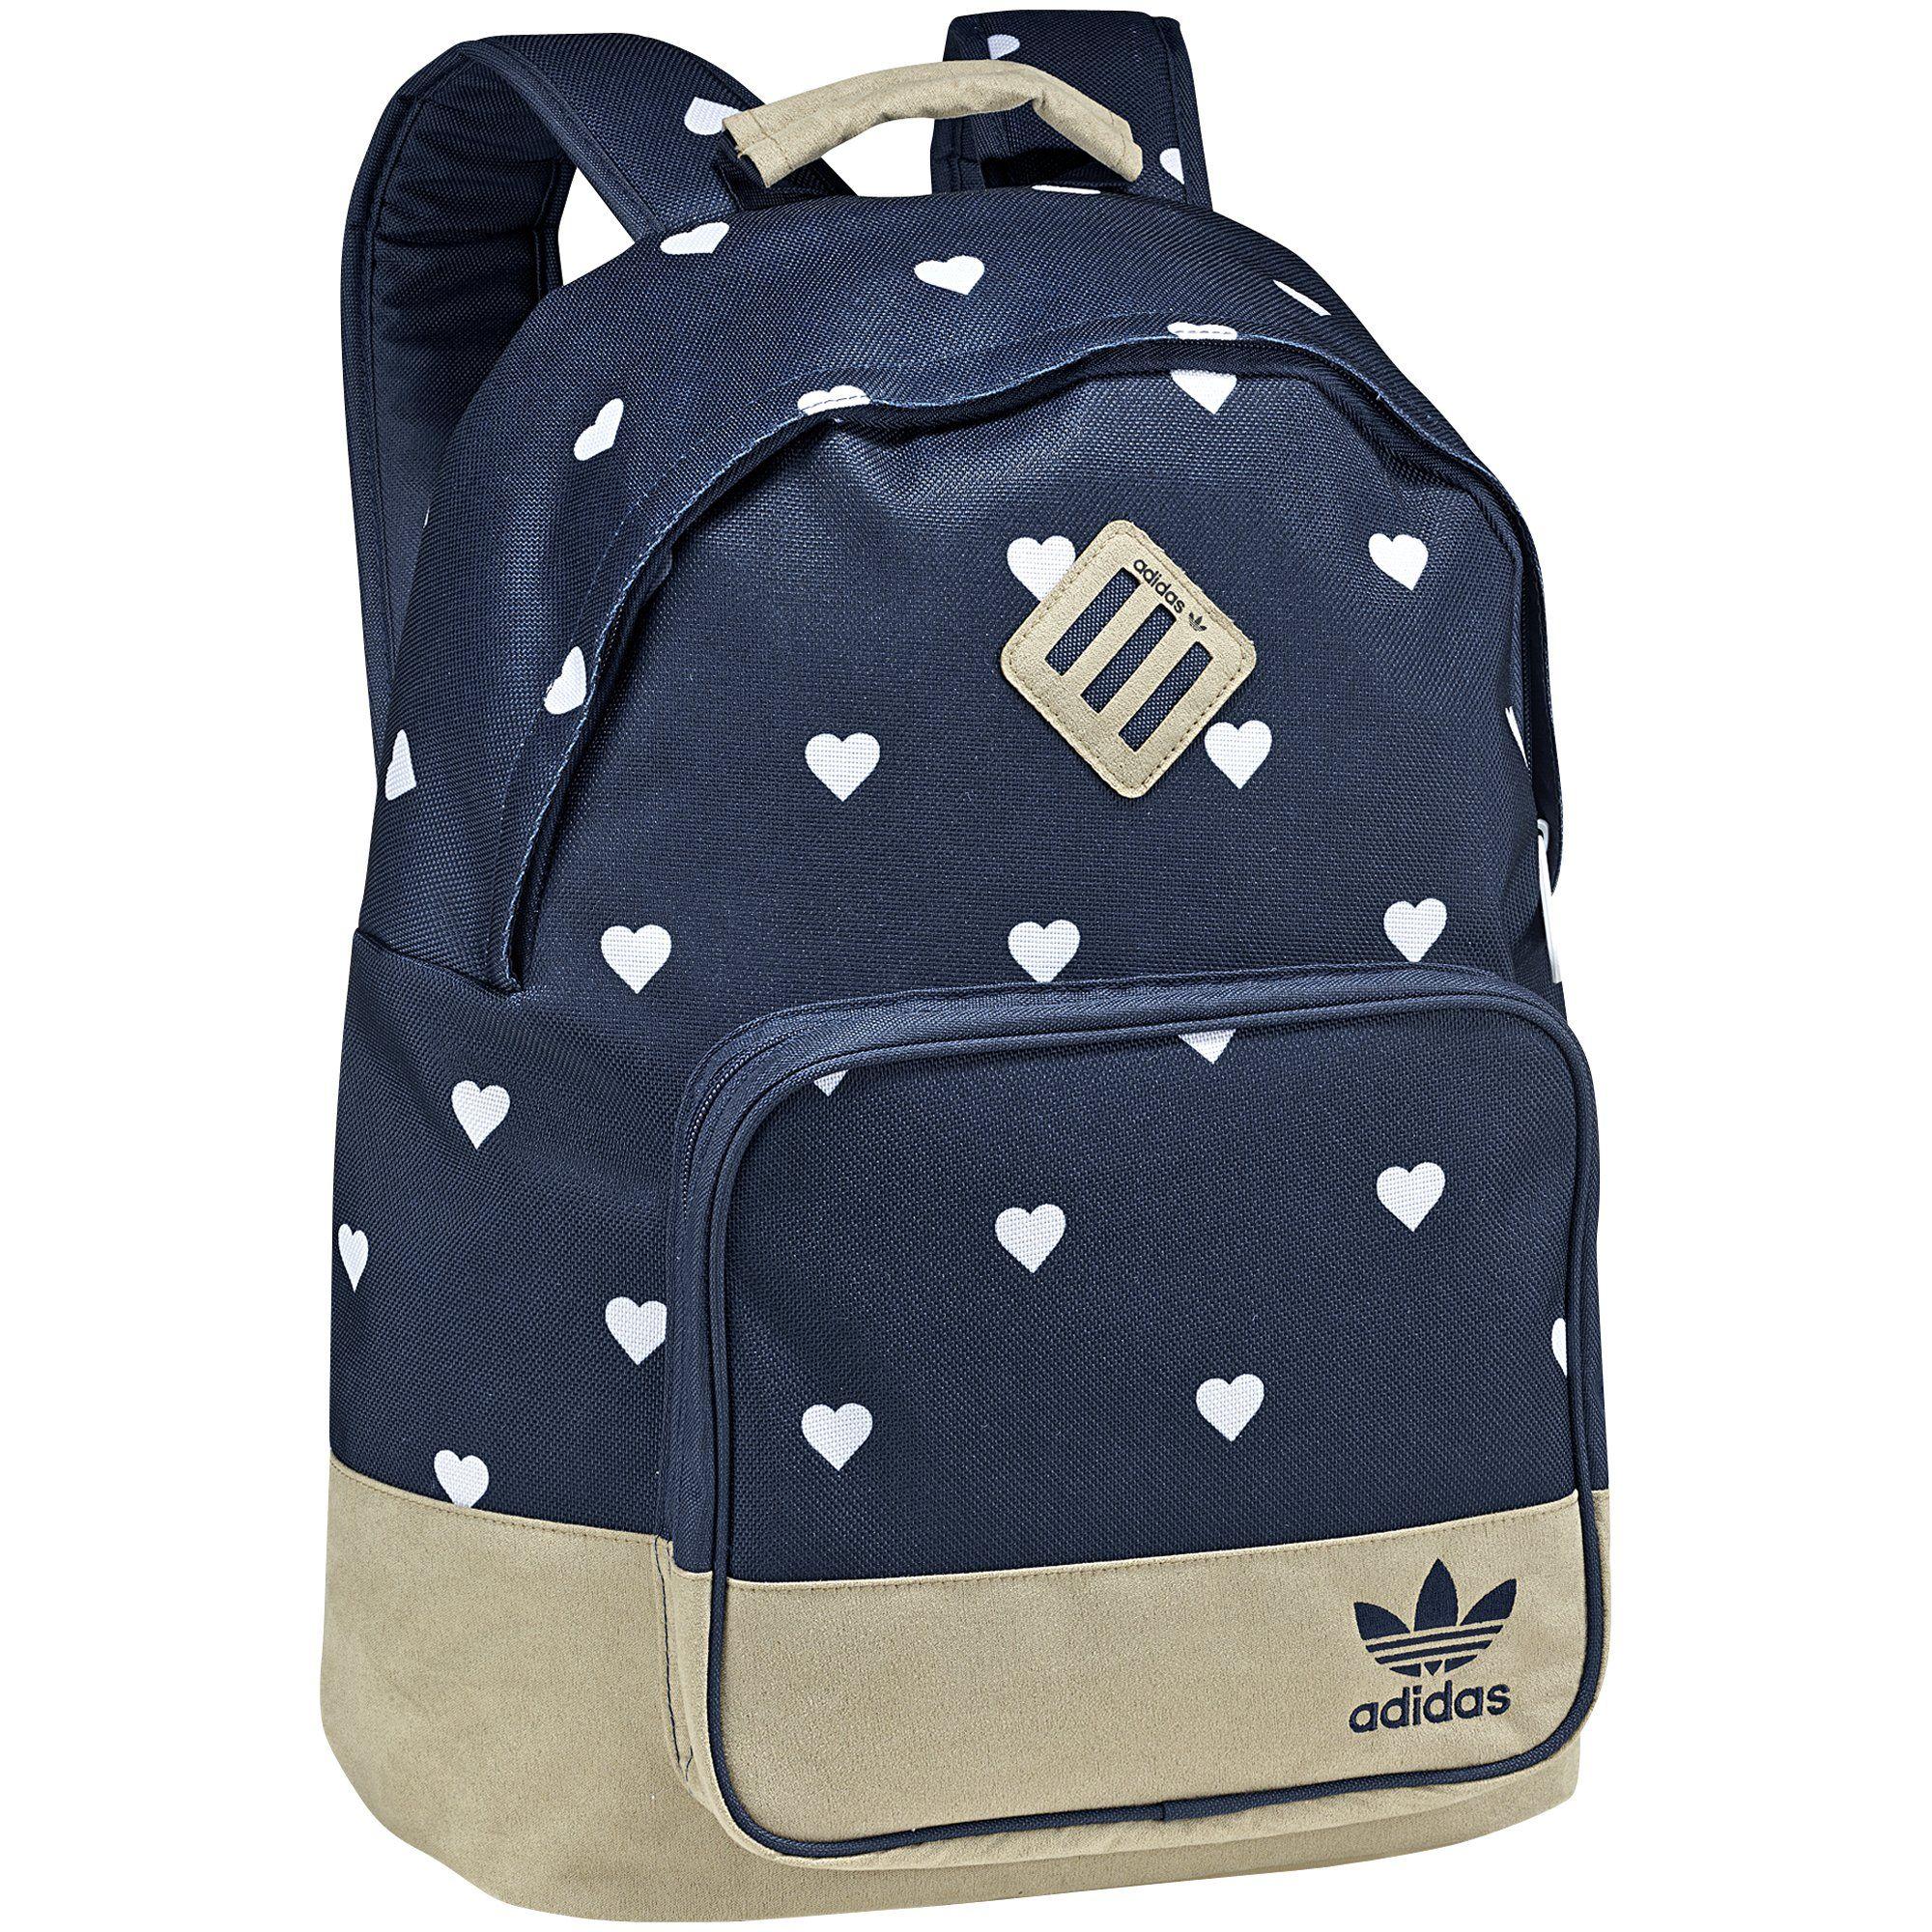 Bolsa Escolar Feminina Adidas : Quero muito mochila allover solid blue tech gold